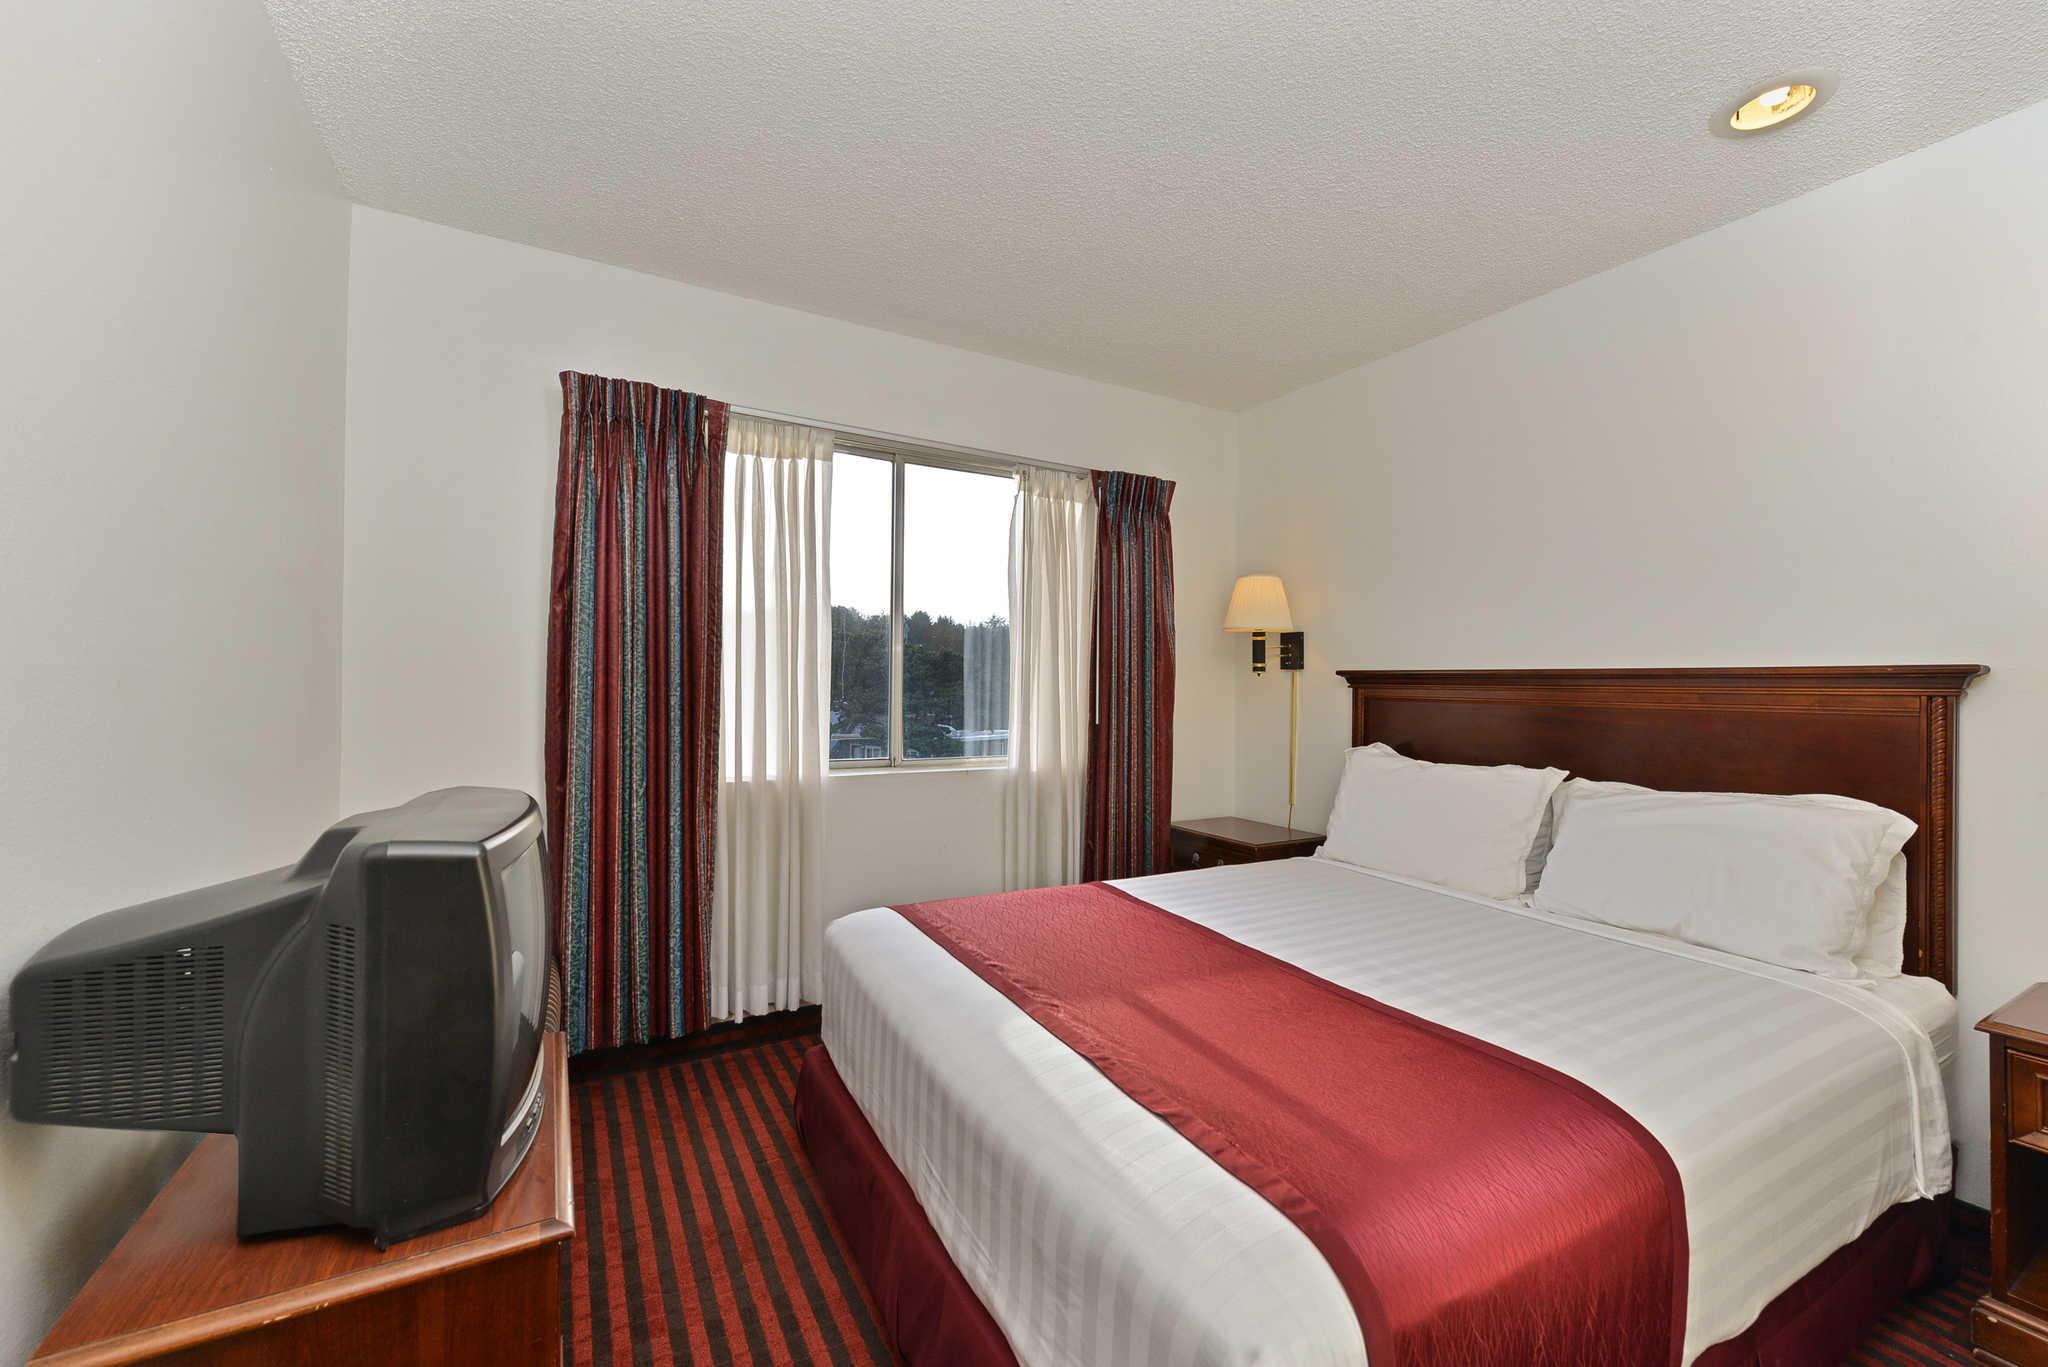 Rodeway Inn & Suites - Closed image 8